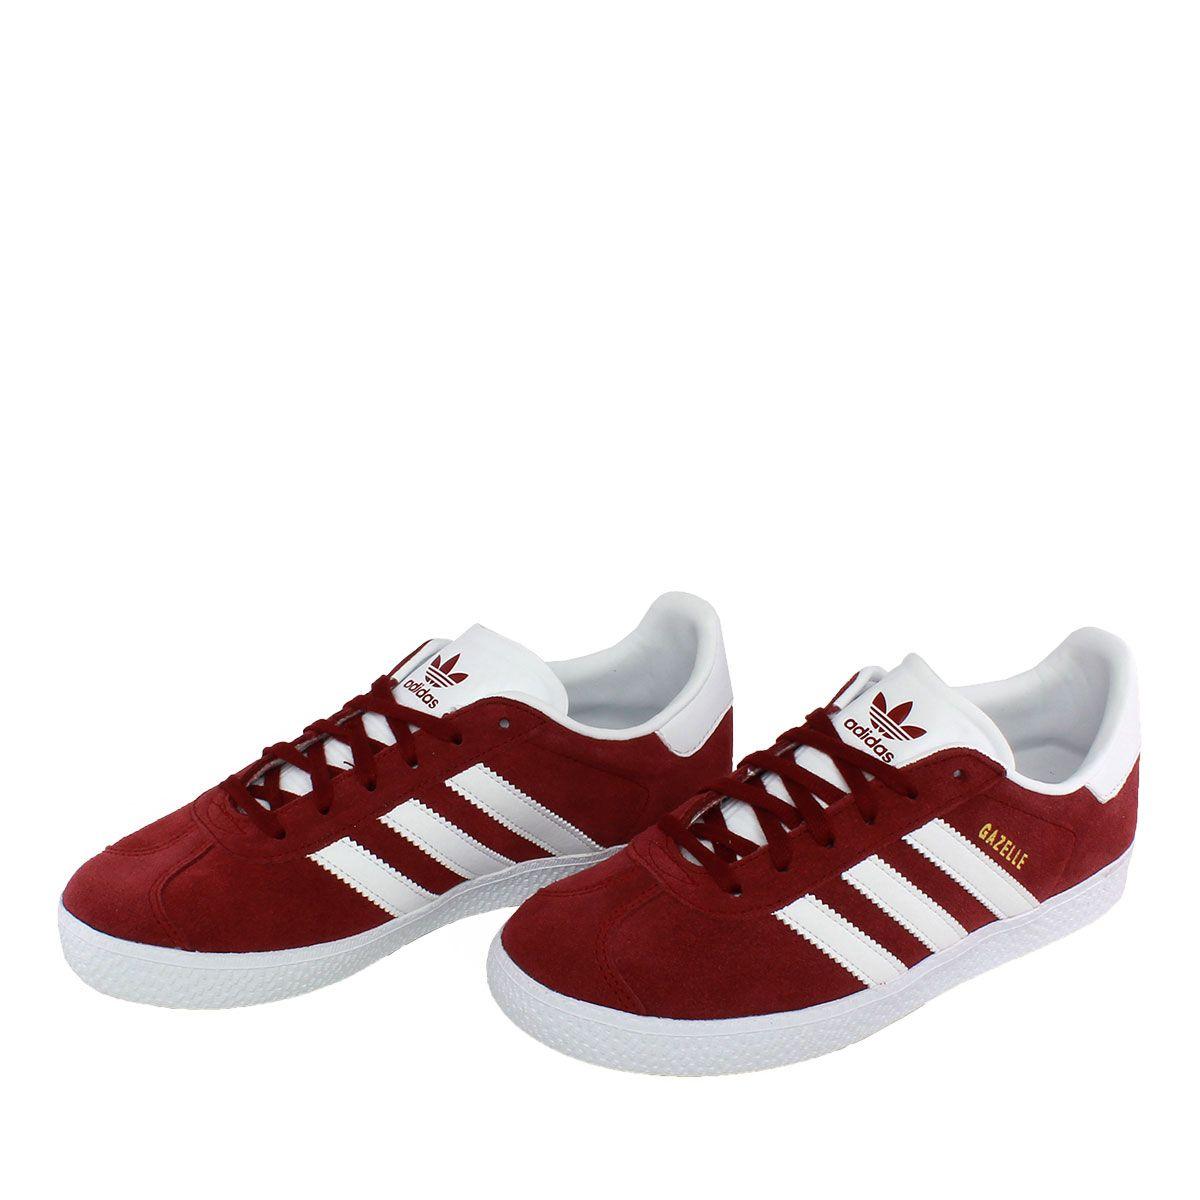 σούπερ ειδικές τεράστια πώληση έξοδος adidas sneakers ασπρο